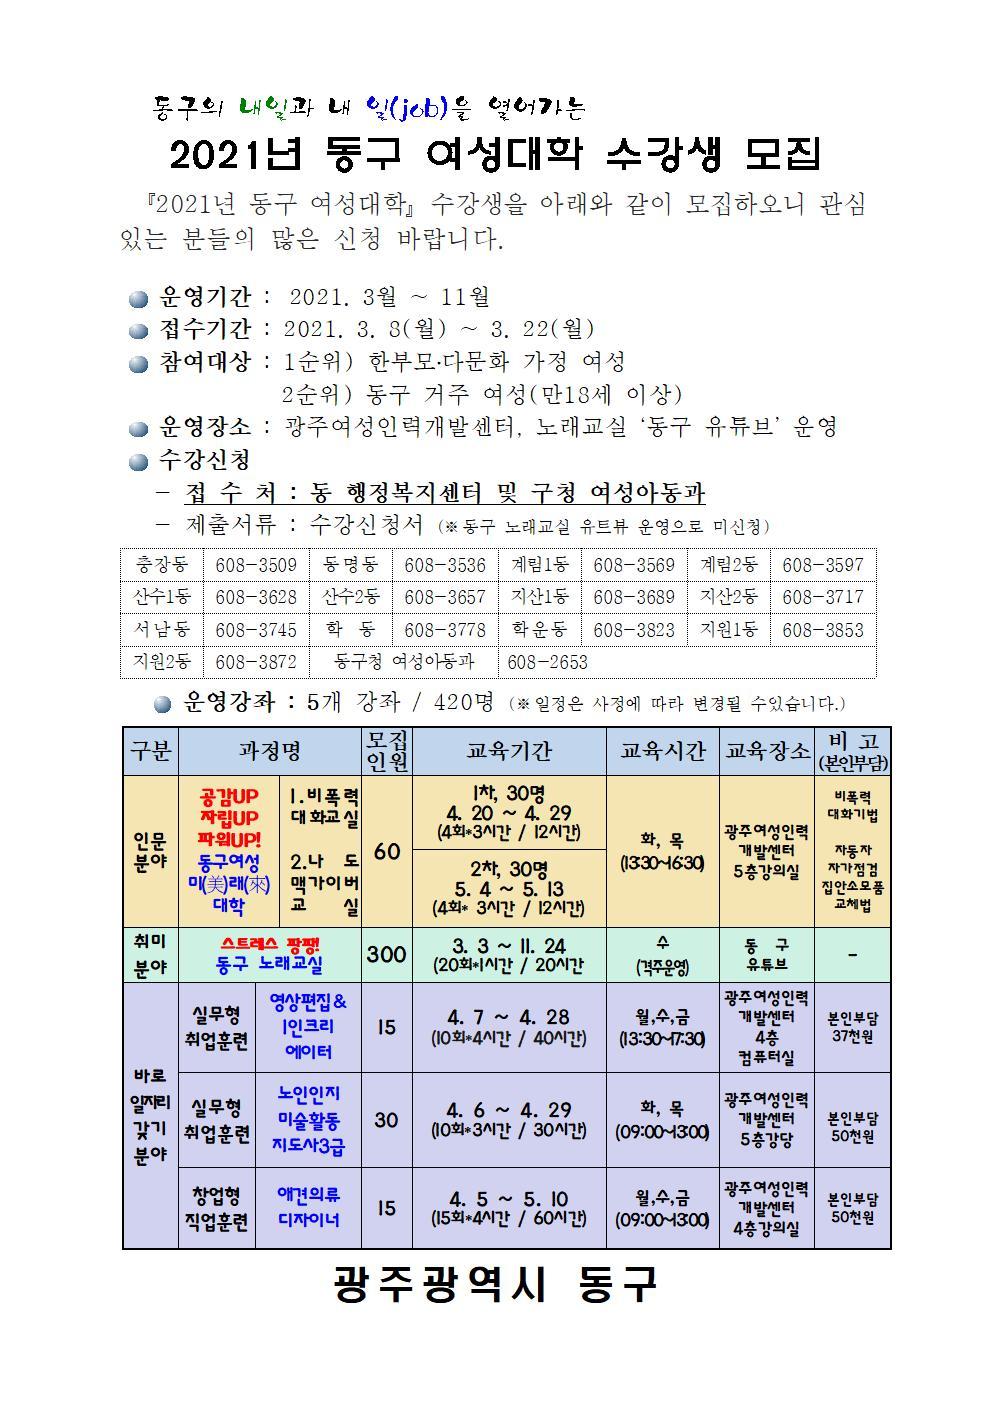 2021년 여성대학 홍보물001